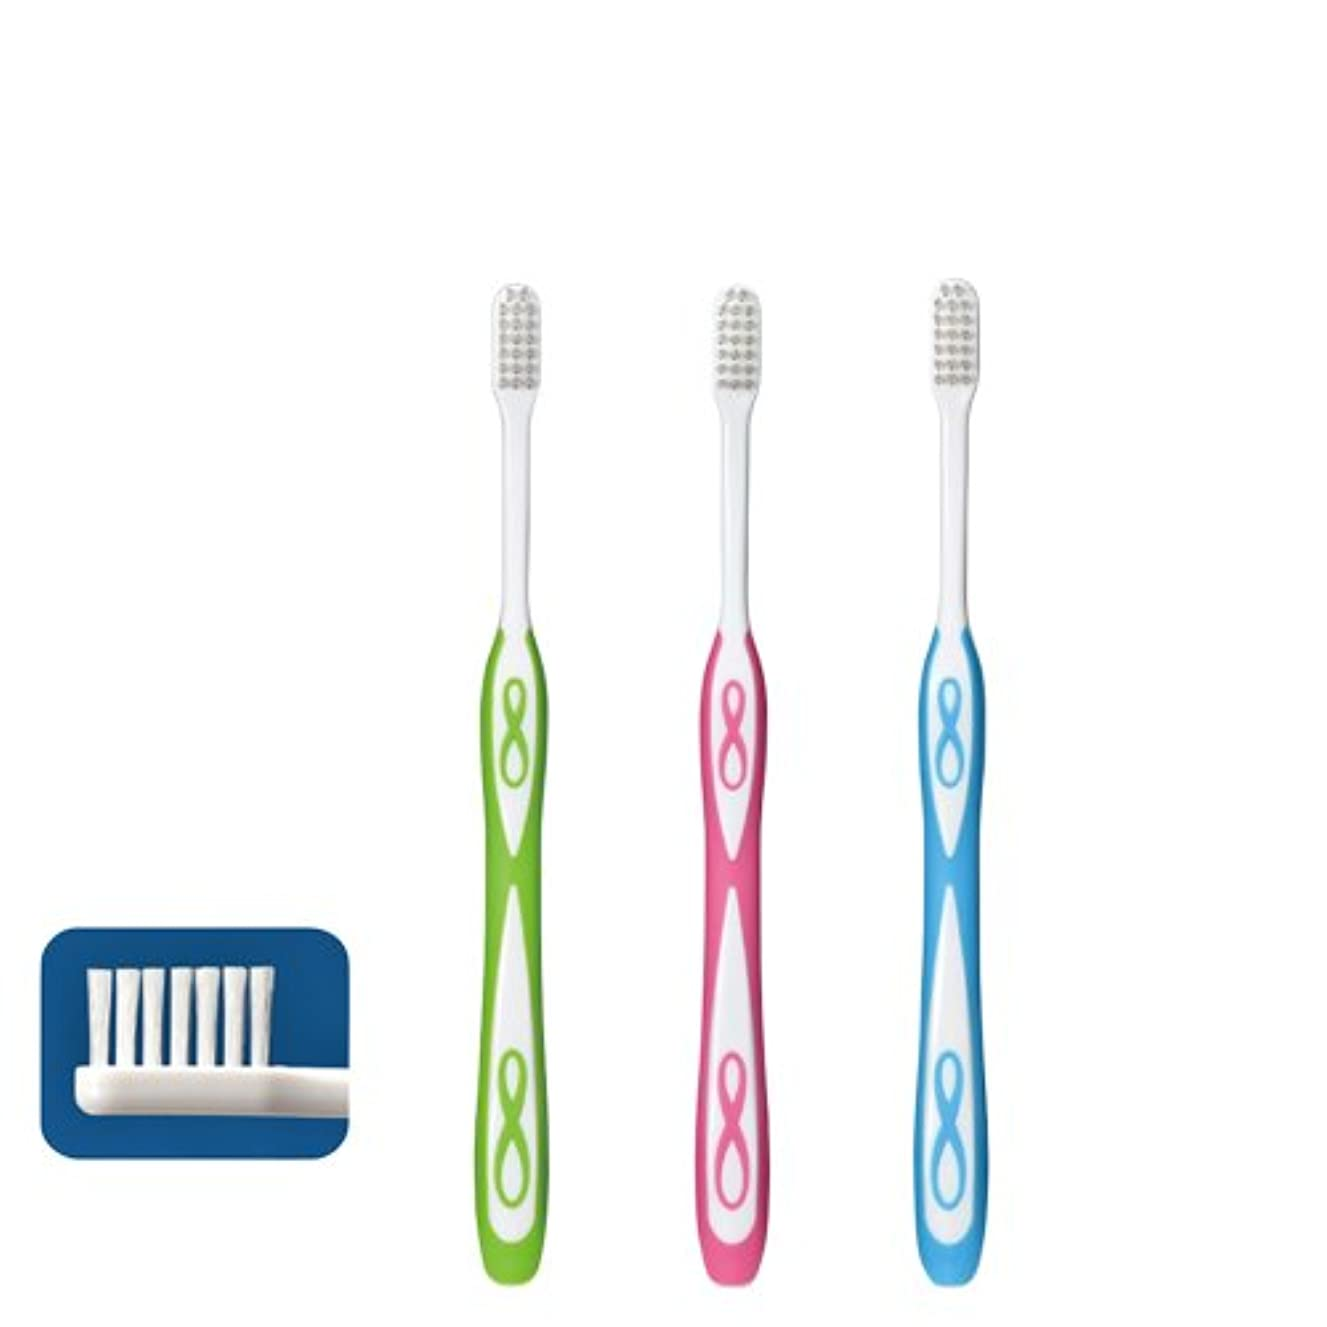 セーターブラジャー差別的Lover8 ラバーエイト ラウンド毛歯ブラシ × 1本 S(やわらかめ)Ciメディカル 【歯科専売品】